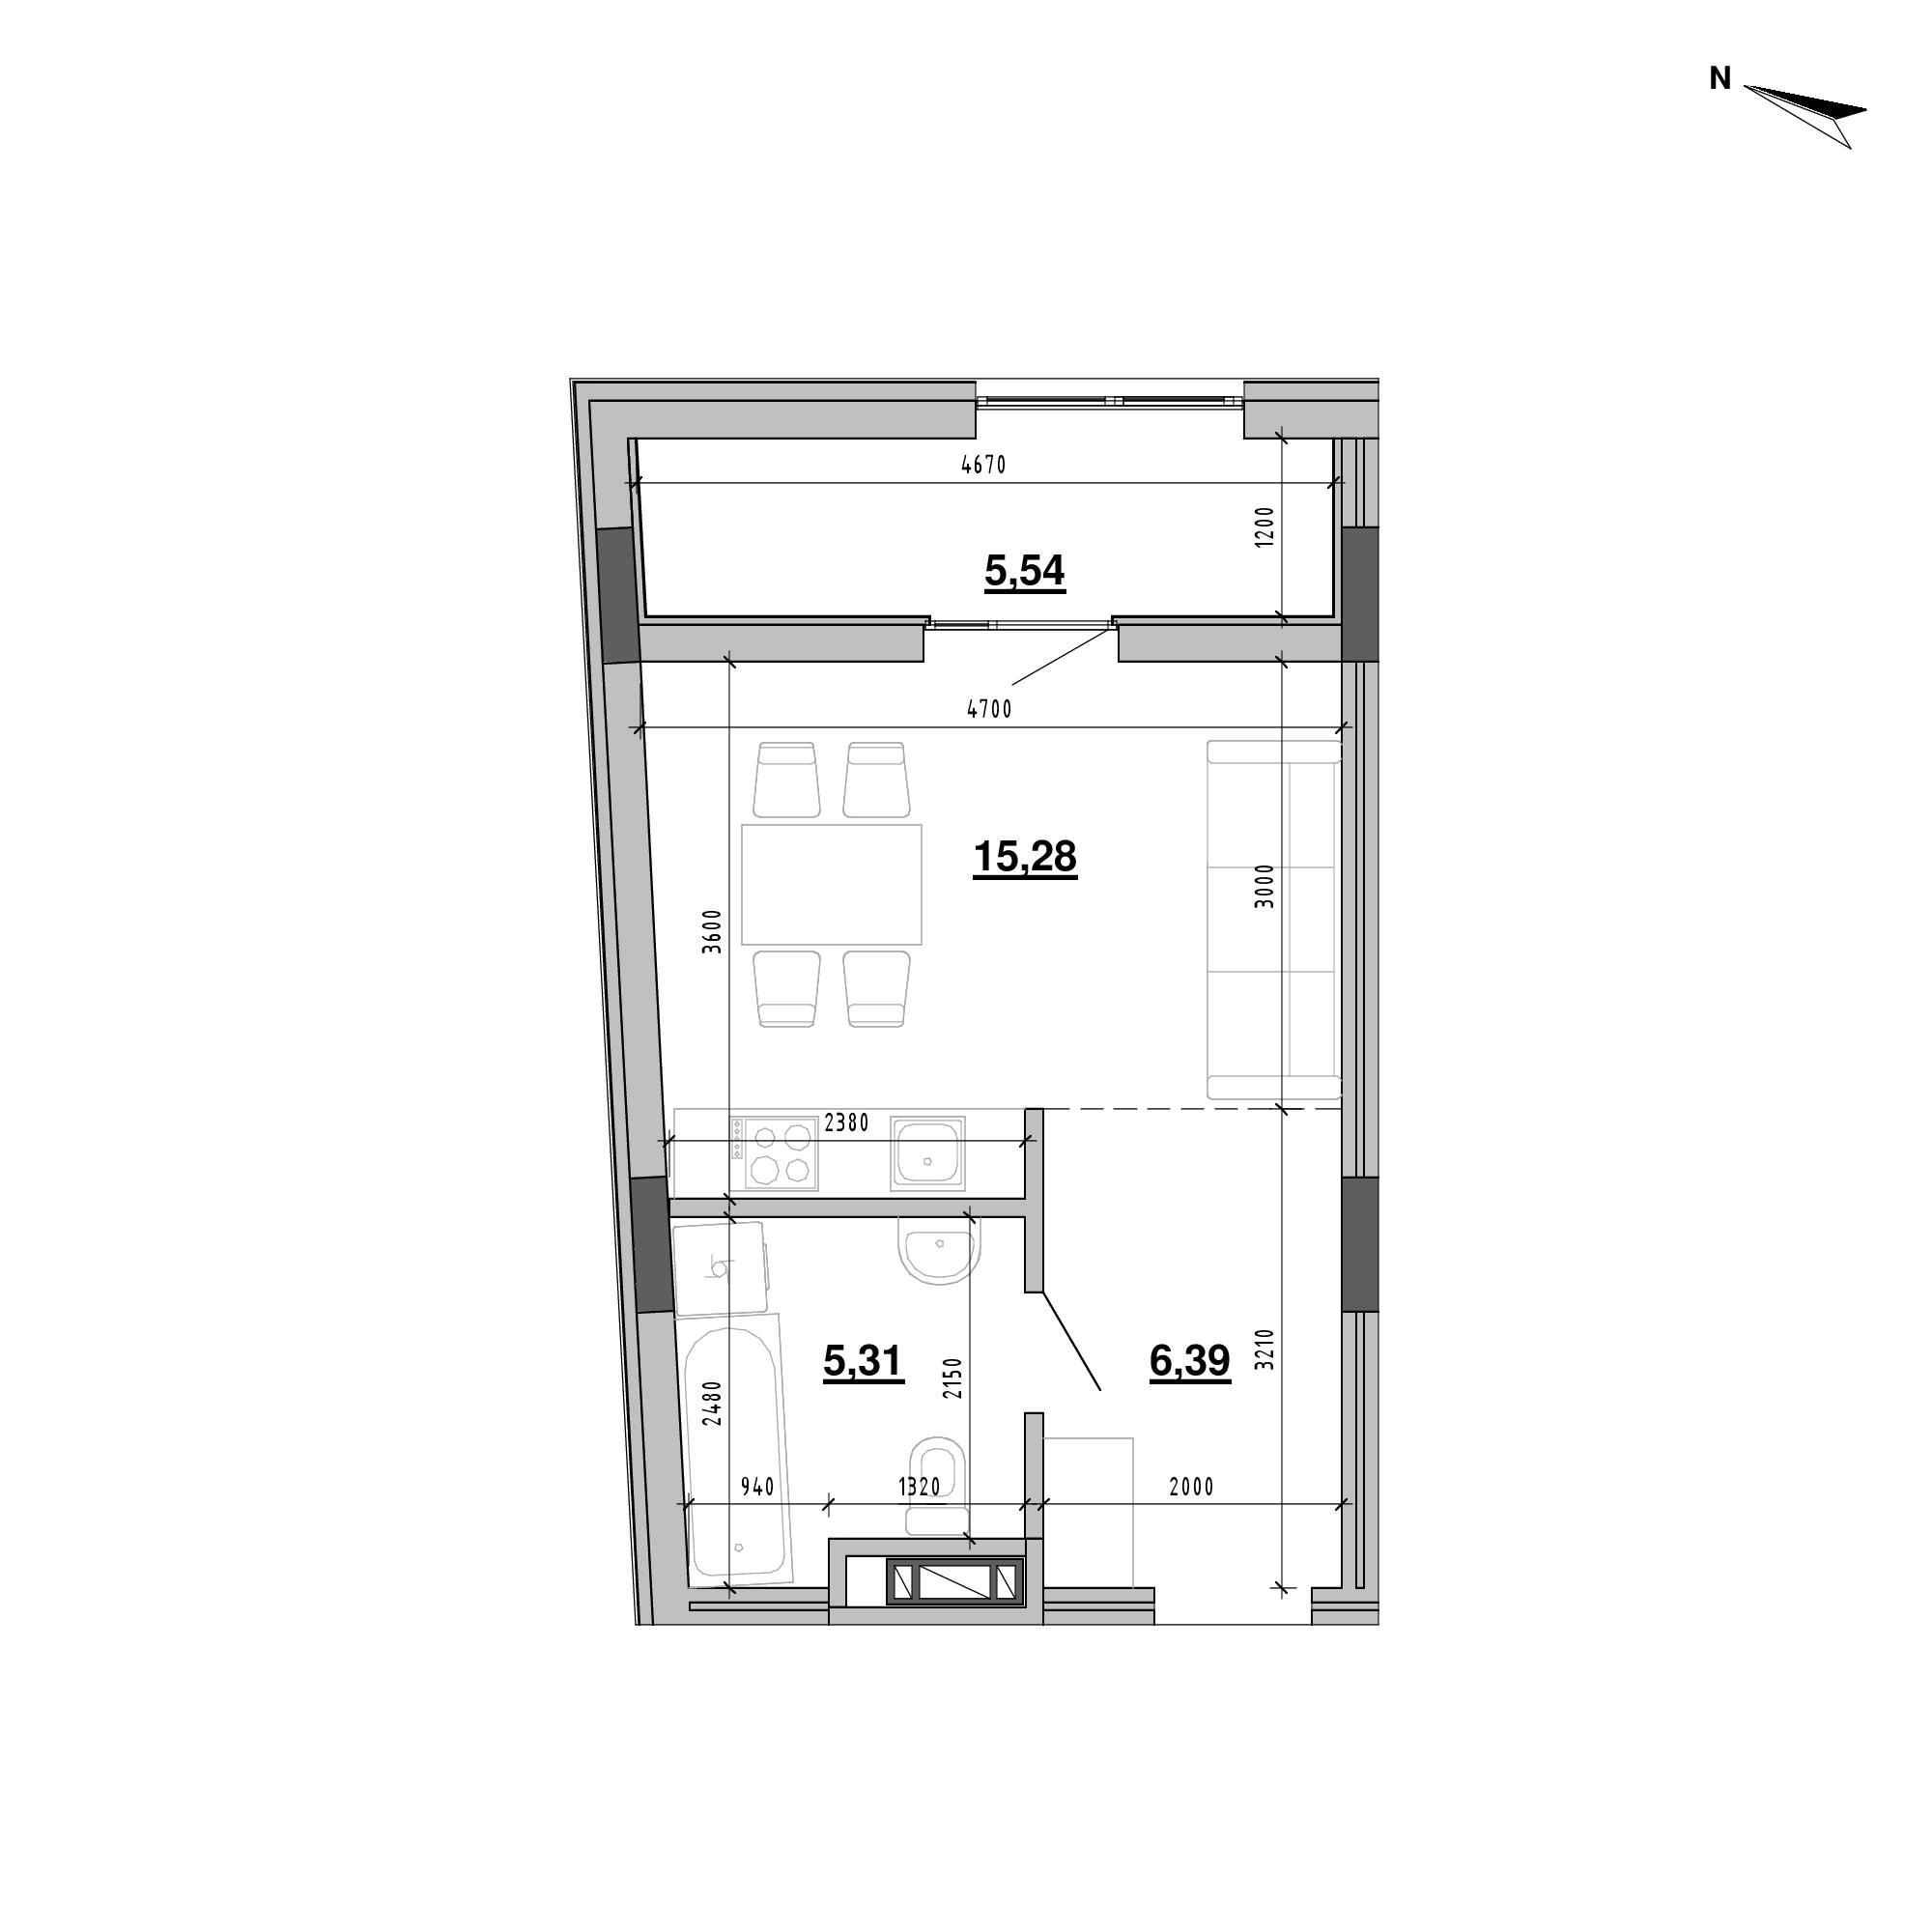 ЖК Підзамче. Брама: планування 1-кімнатної квартири, №21б, 32.52 м<sup>2</sup>